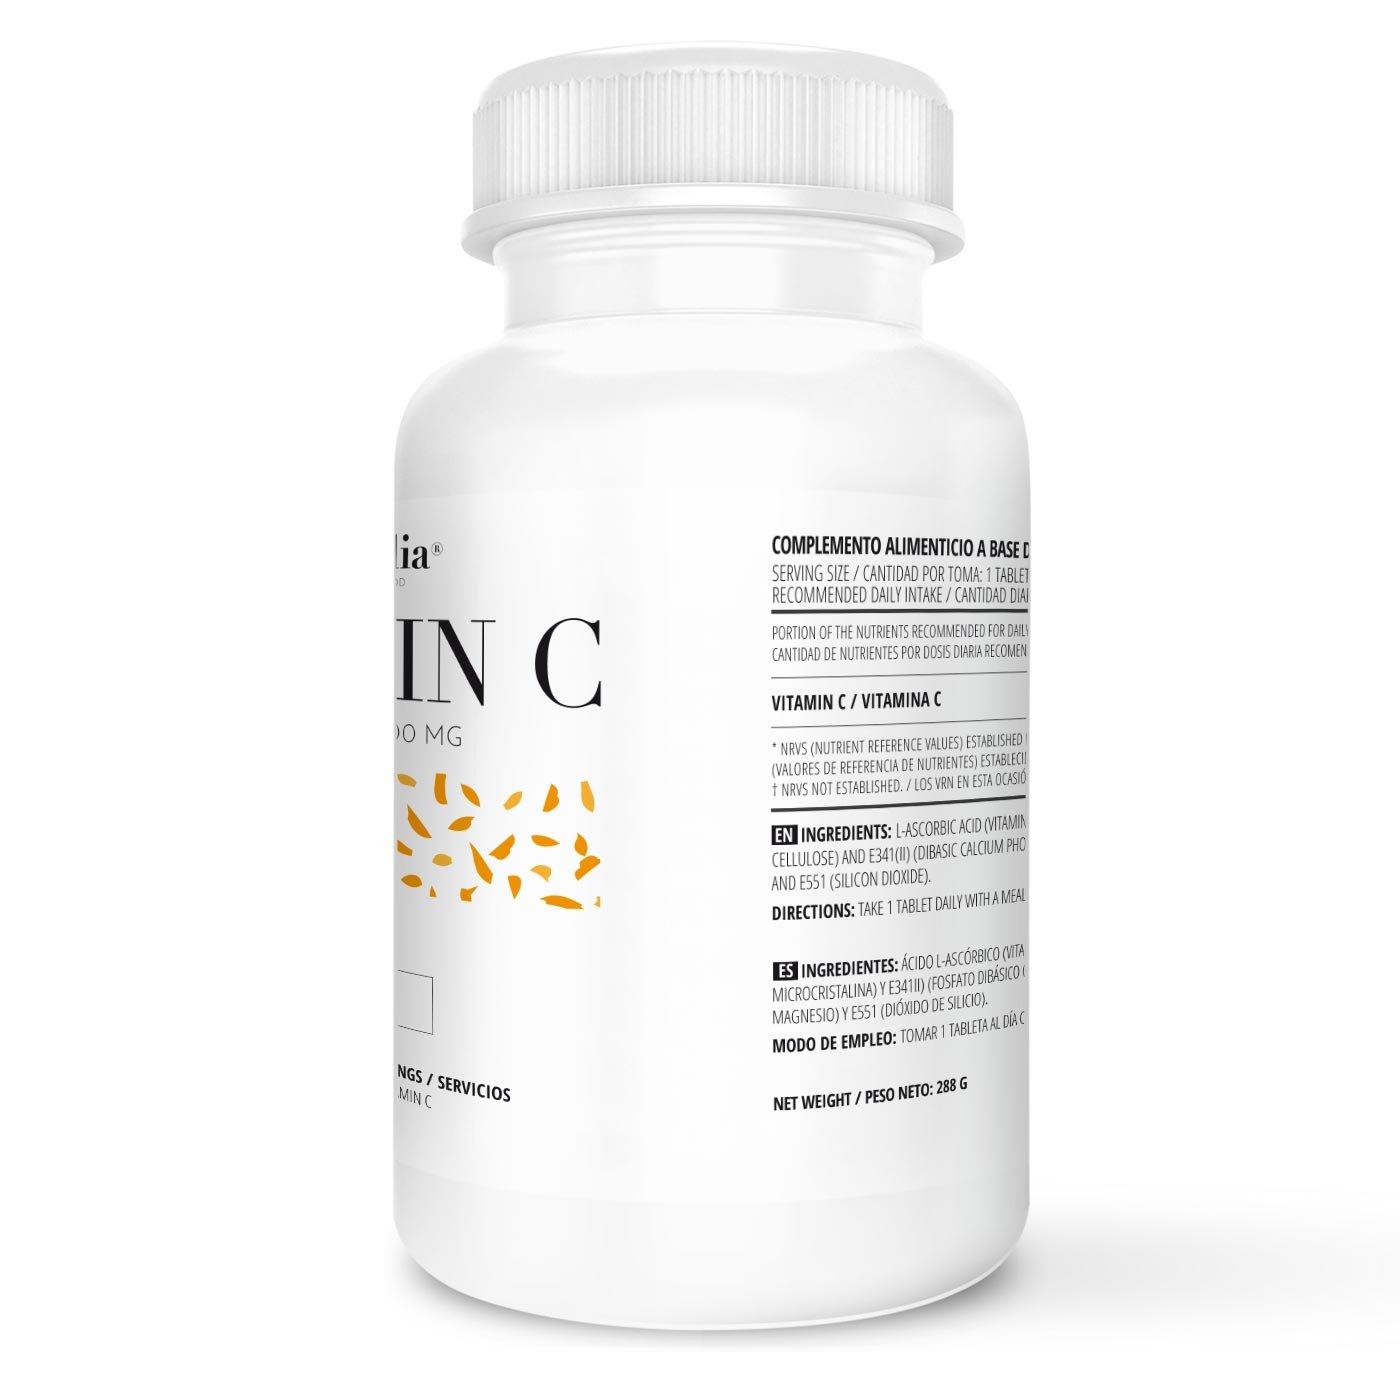 Vitamina C | Dosis Diaria 1000mg | Suministro para 6 Meses (180 Comprimidos) | Máxima Capacidad Antioxidante | Calidad de Vitaminalia: Amazon.es: Salud y ...